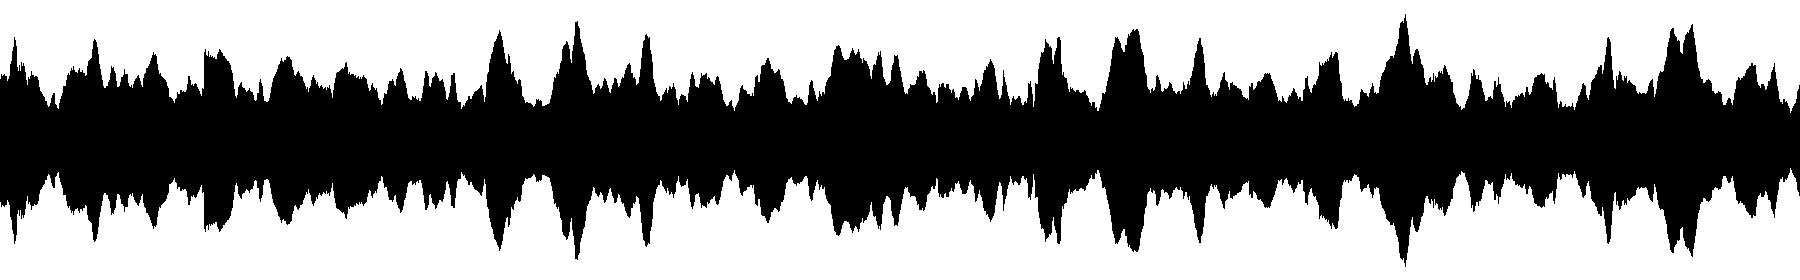 67878 saber humming wav